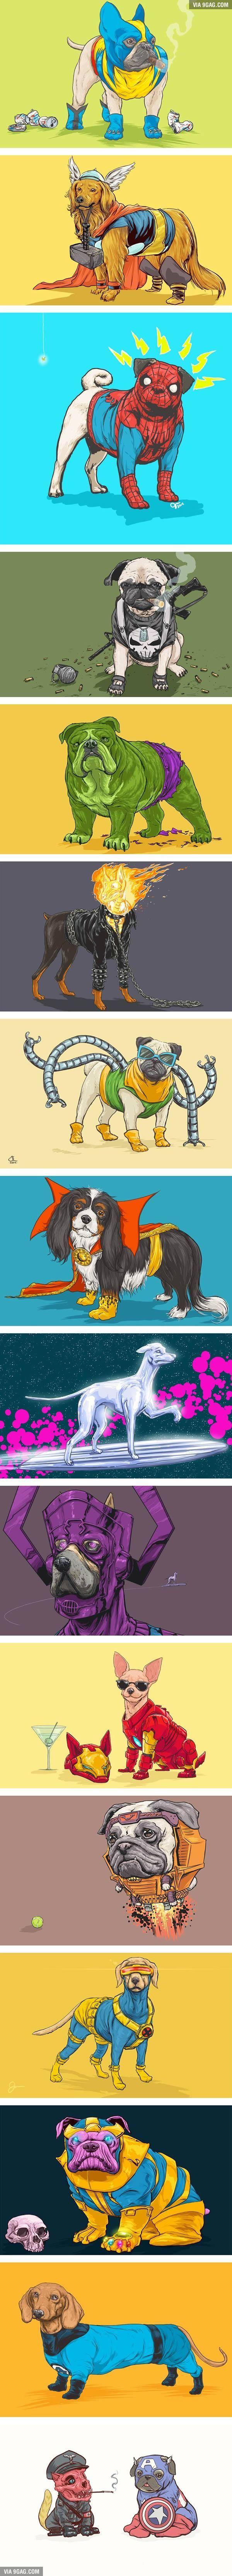 Aqui se hace una gra referencia comica y humoristica, al combinar algunos de los super heroes de Marvel con algunos tipos de perros; ademas de poner su equipamiento y estilo.